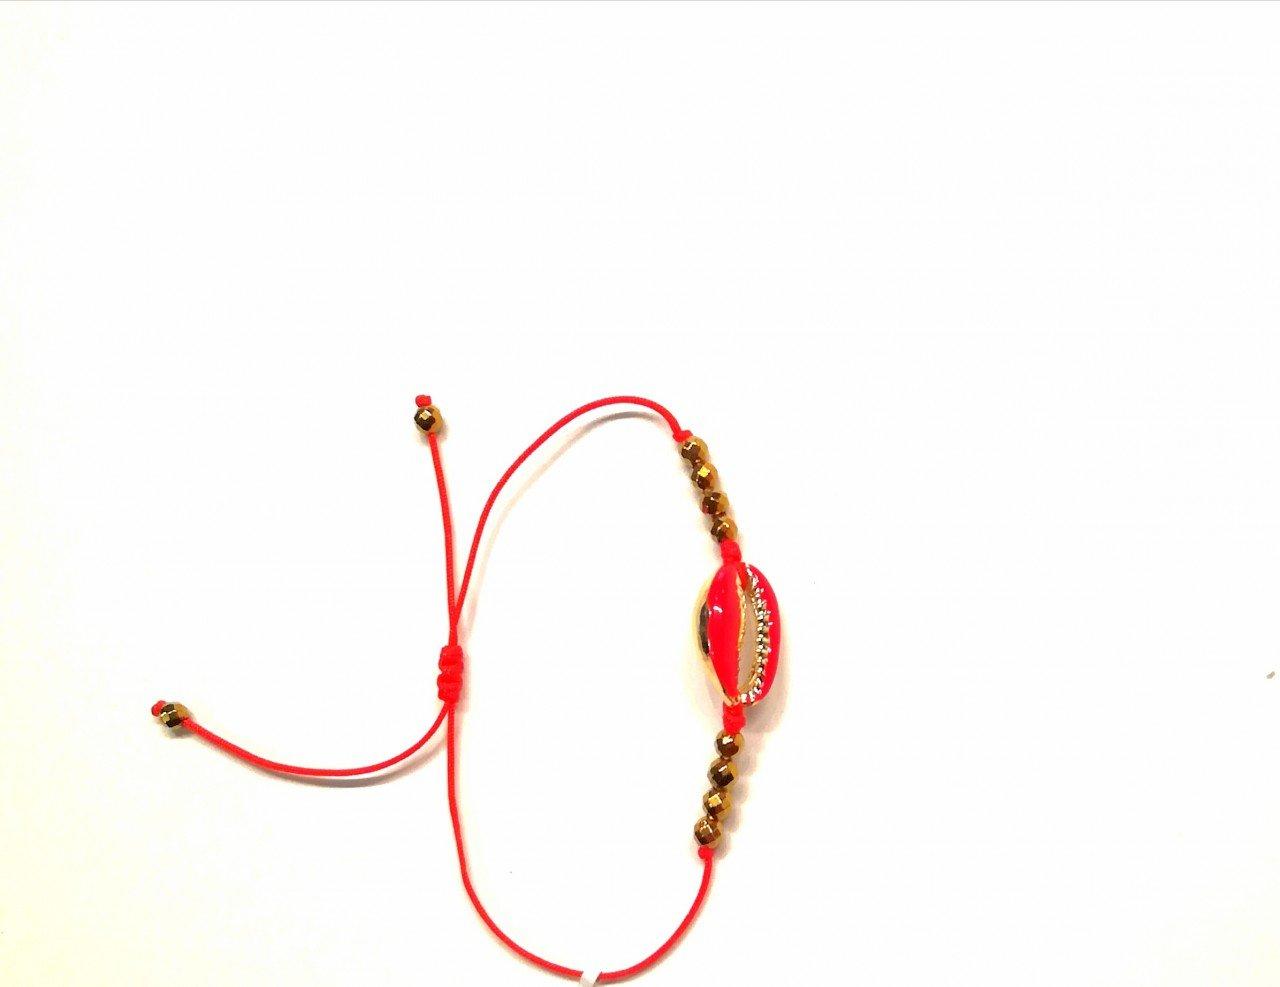 Pulsera Hematita Roja. Ch. Oro Hematita/Chapa Oro